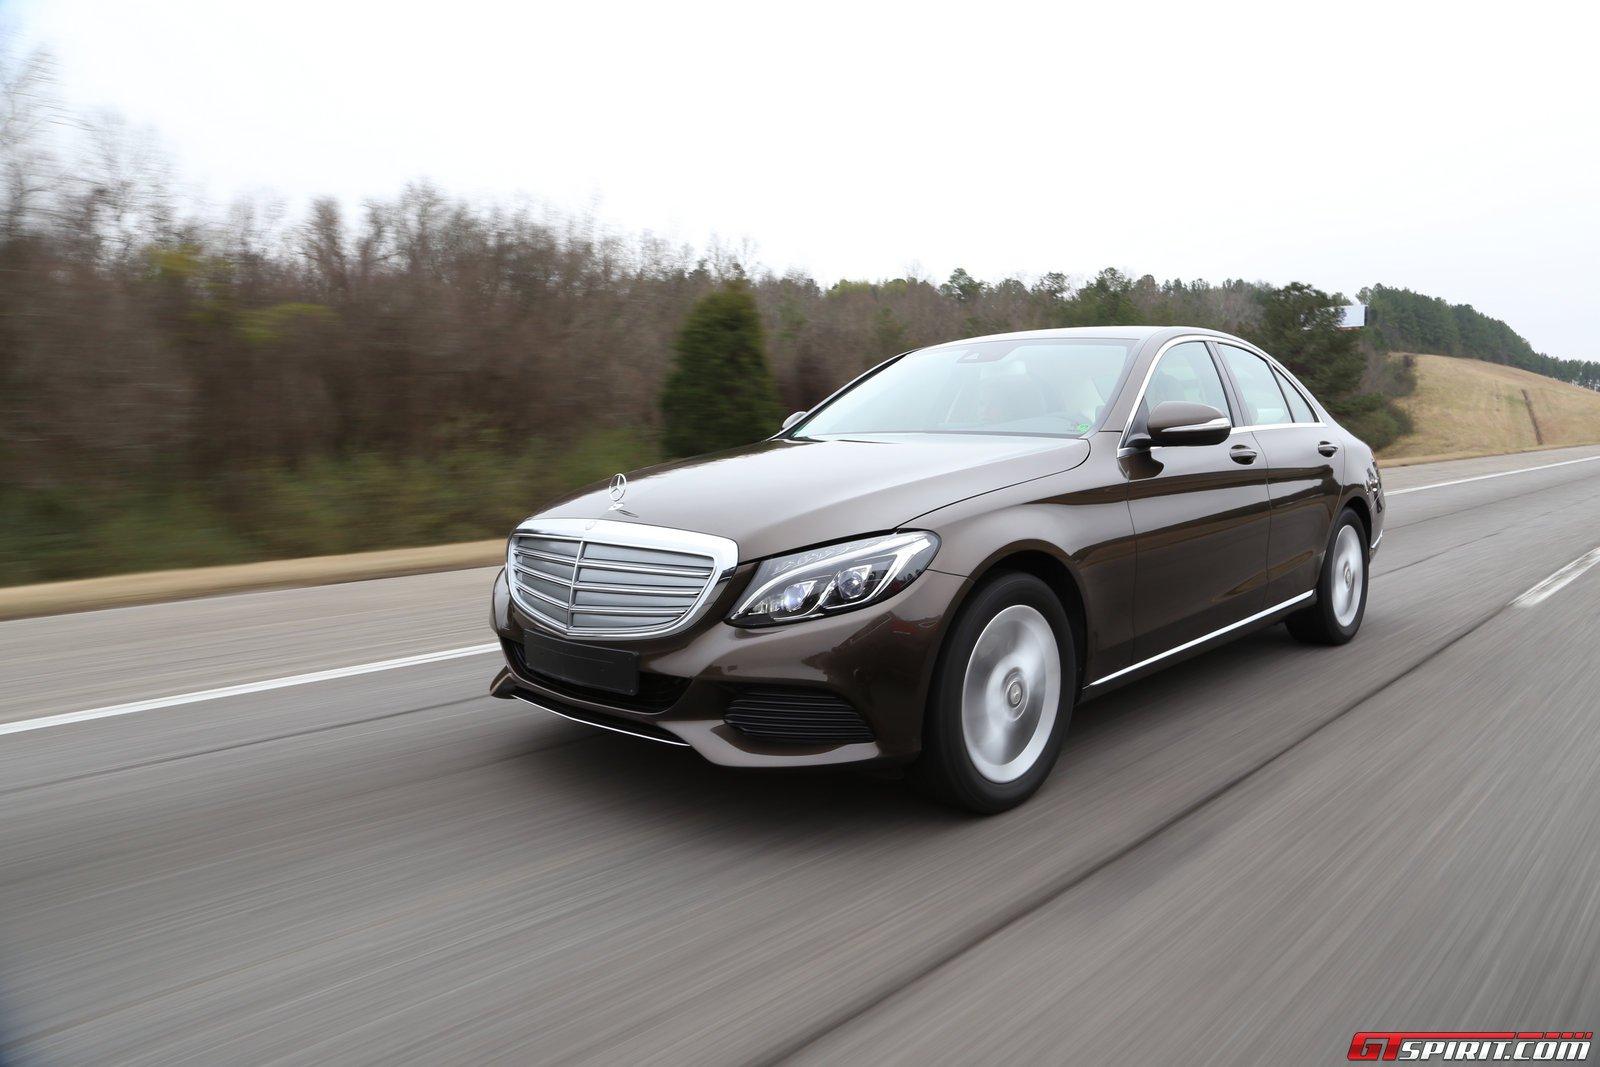 2015 Mercedes-Benz C220 Bluetec Live Images